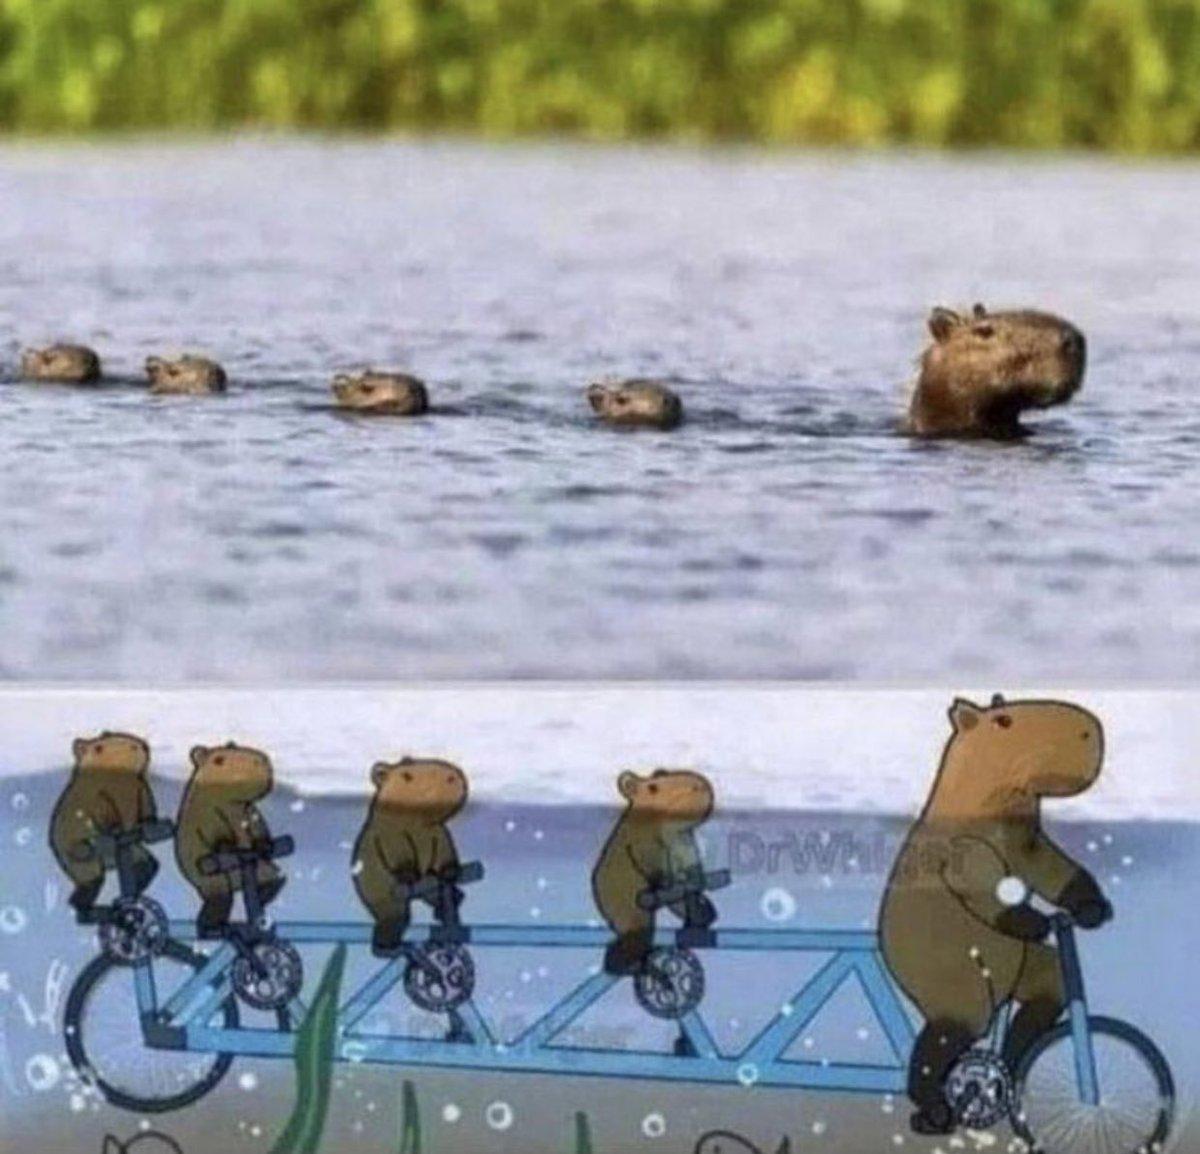 カピバラの親子が水辺を渡る方法が話題に